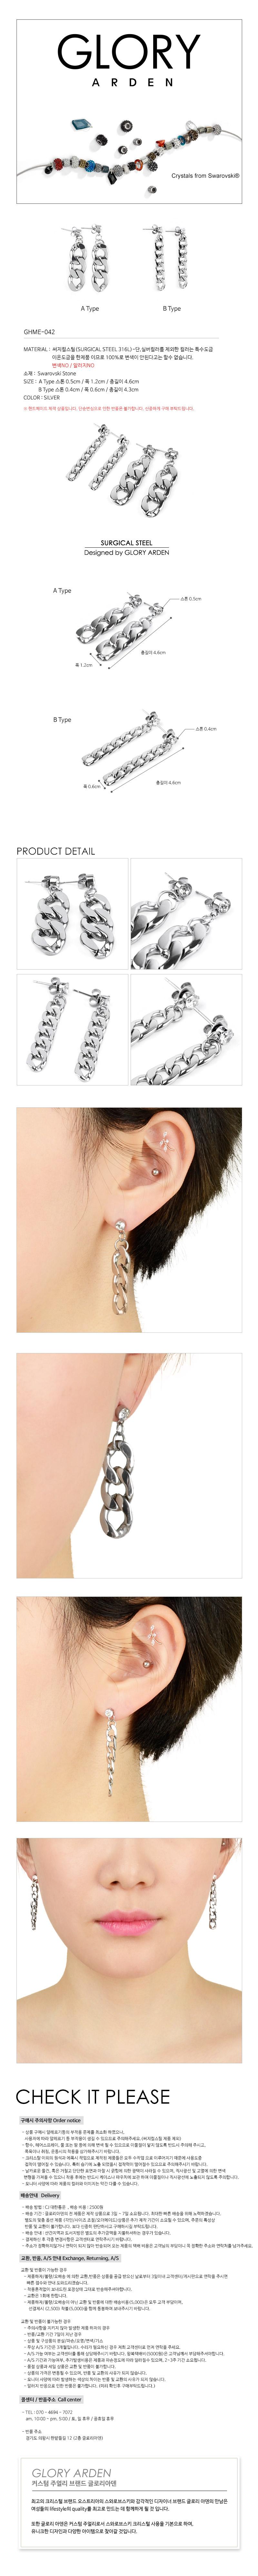 글로리아덴(GLORY_ARDEN) 2 SIZE 체인 드롭 귀걸이